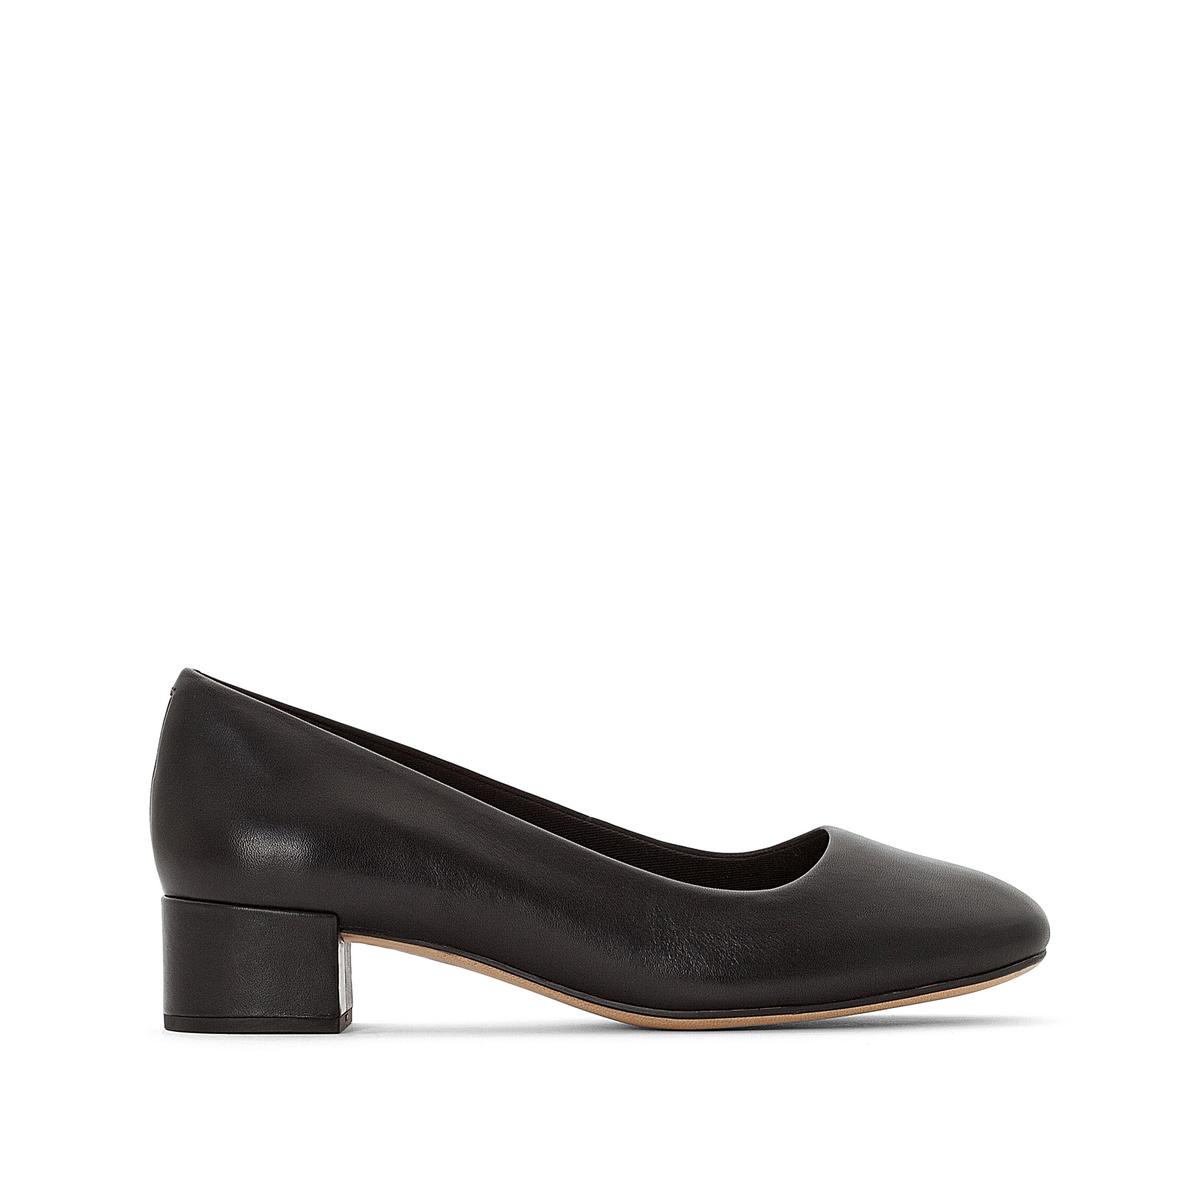 Туфли из кожи на квадратном каблуке  Orabella Alice Clarks